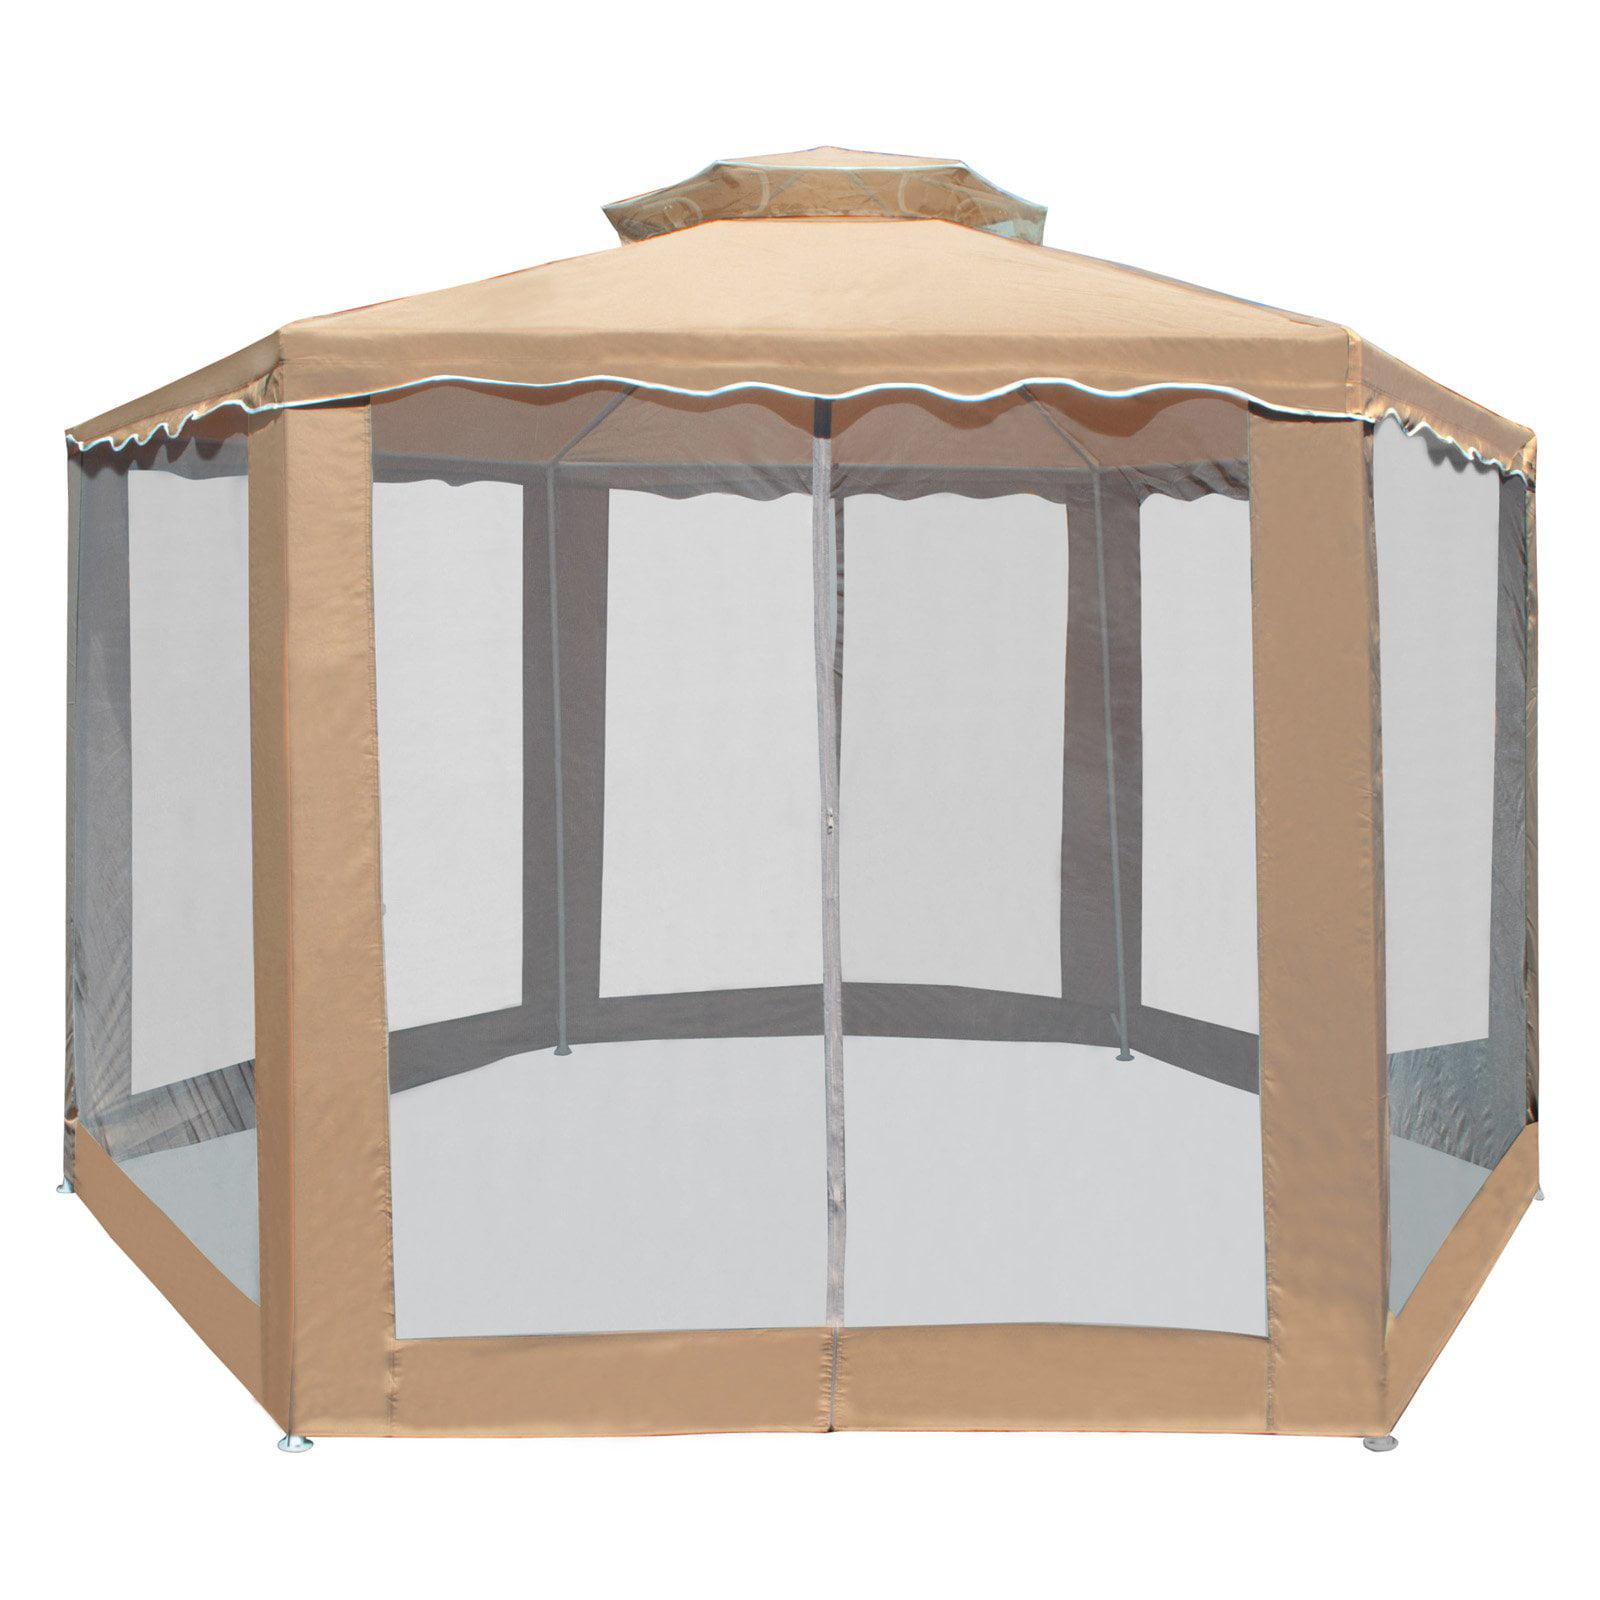 ALEKO GZ2RWN6X6X6SD Double Roof Hexagon Patio Gazebo with Netting, 6.5 x 6.5 x 6.5', Sand